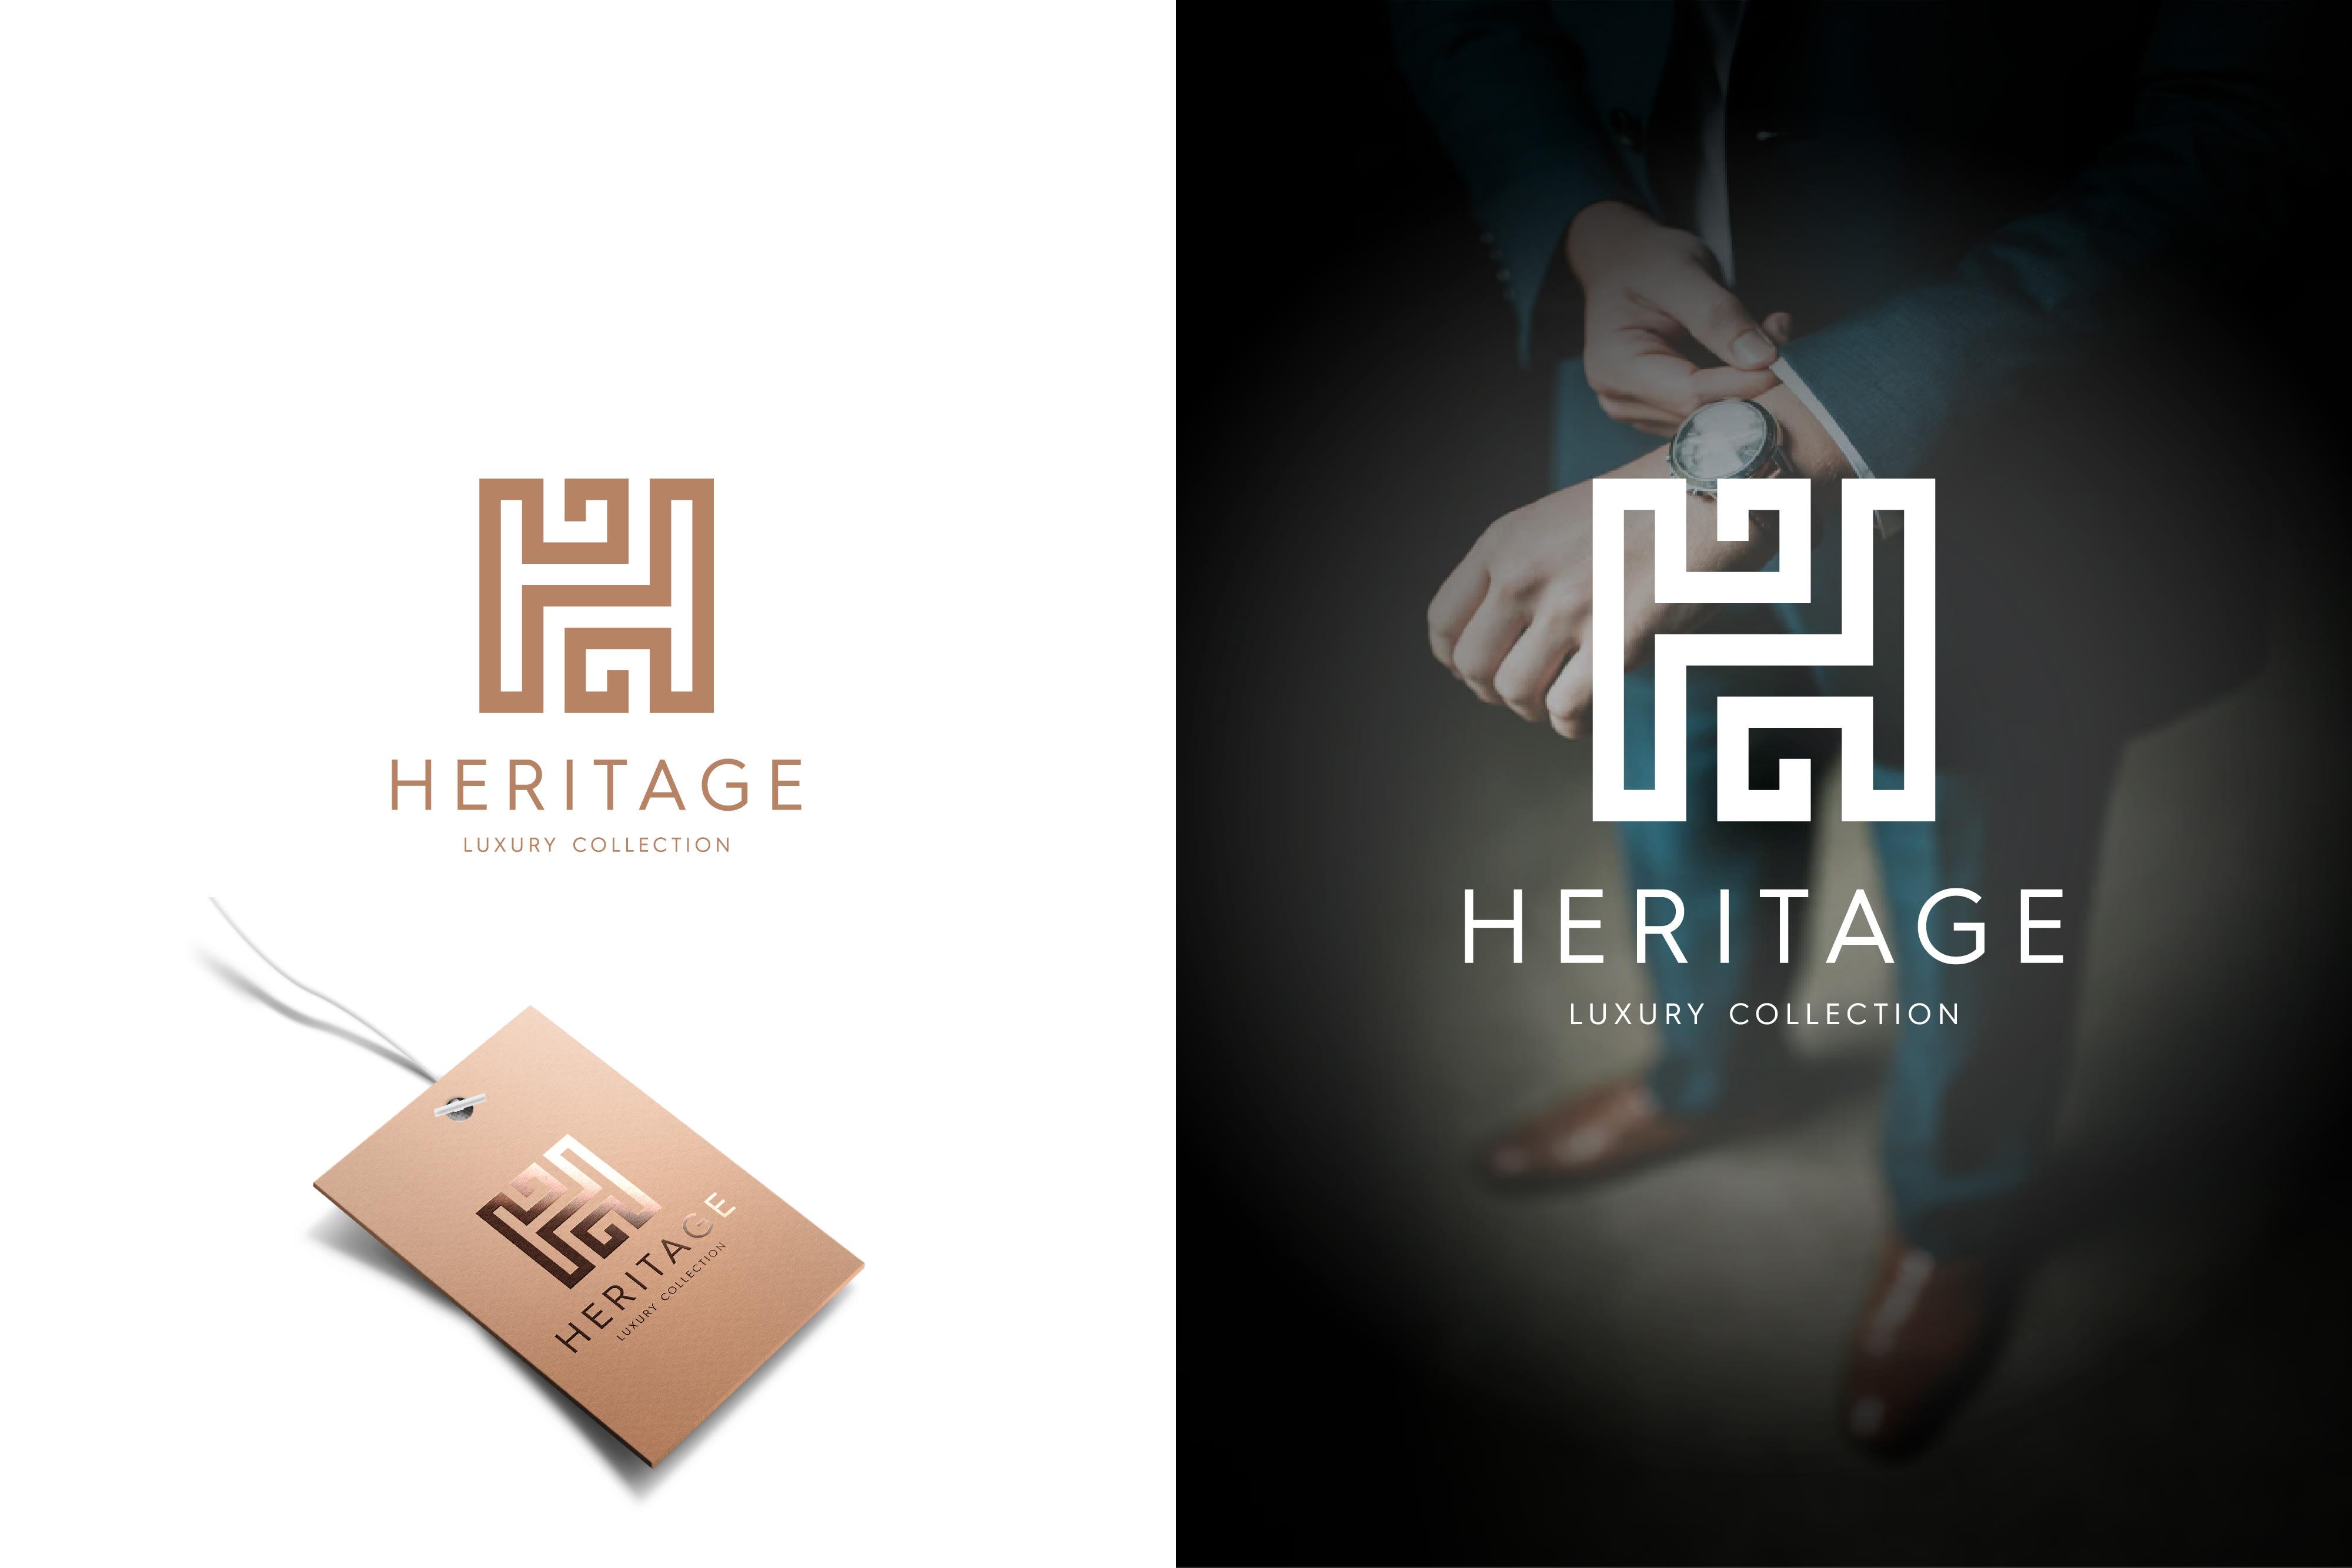 I will design luxury urban streetwear fashion or clothing brand logo